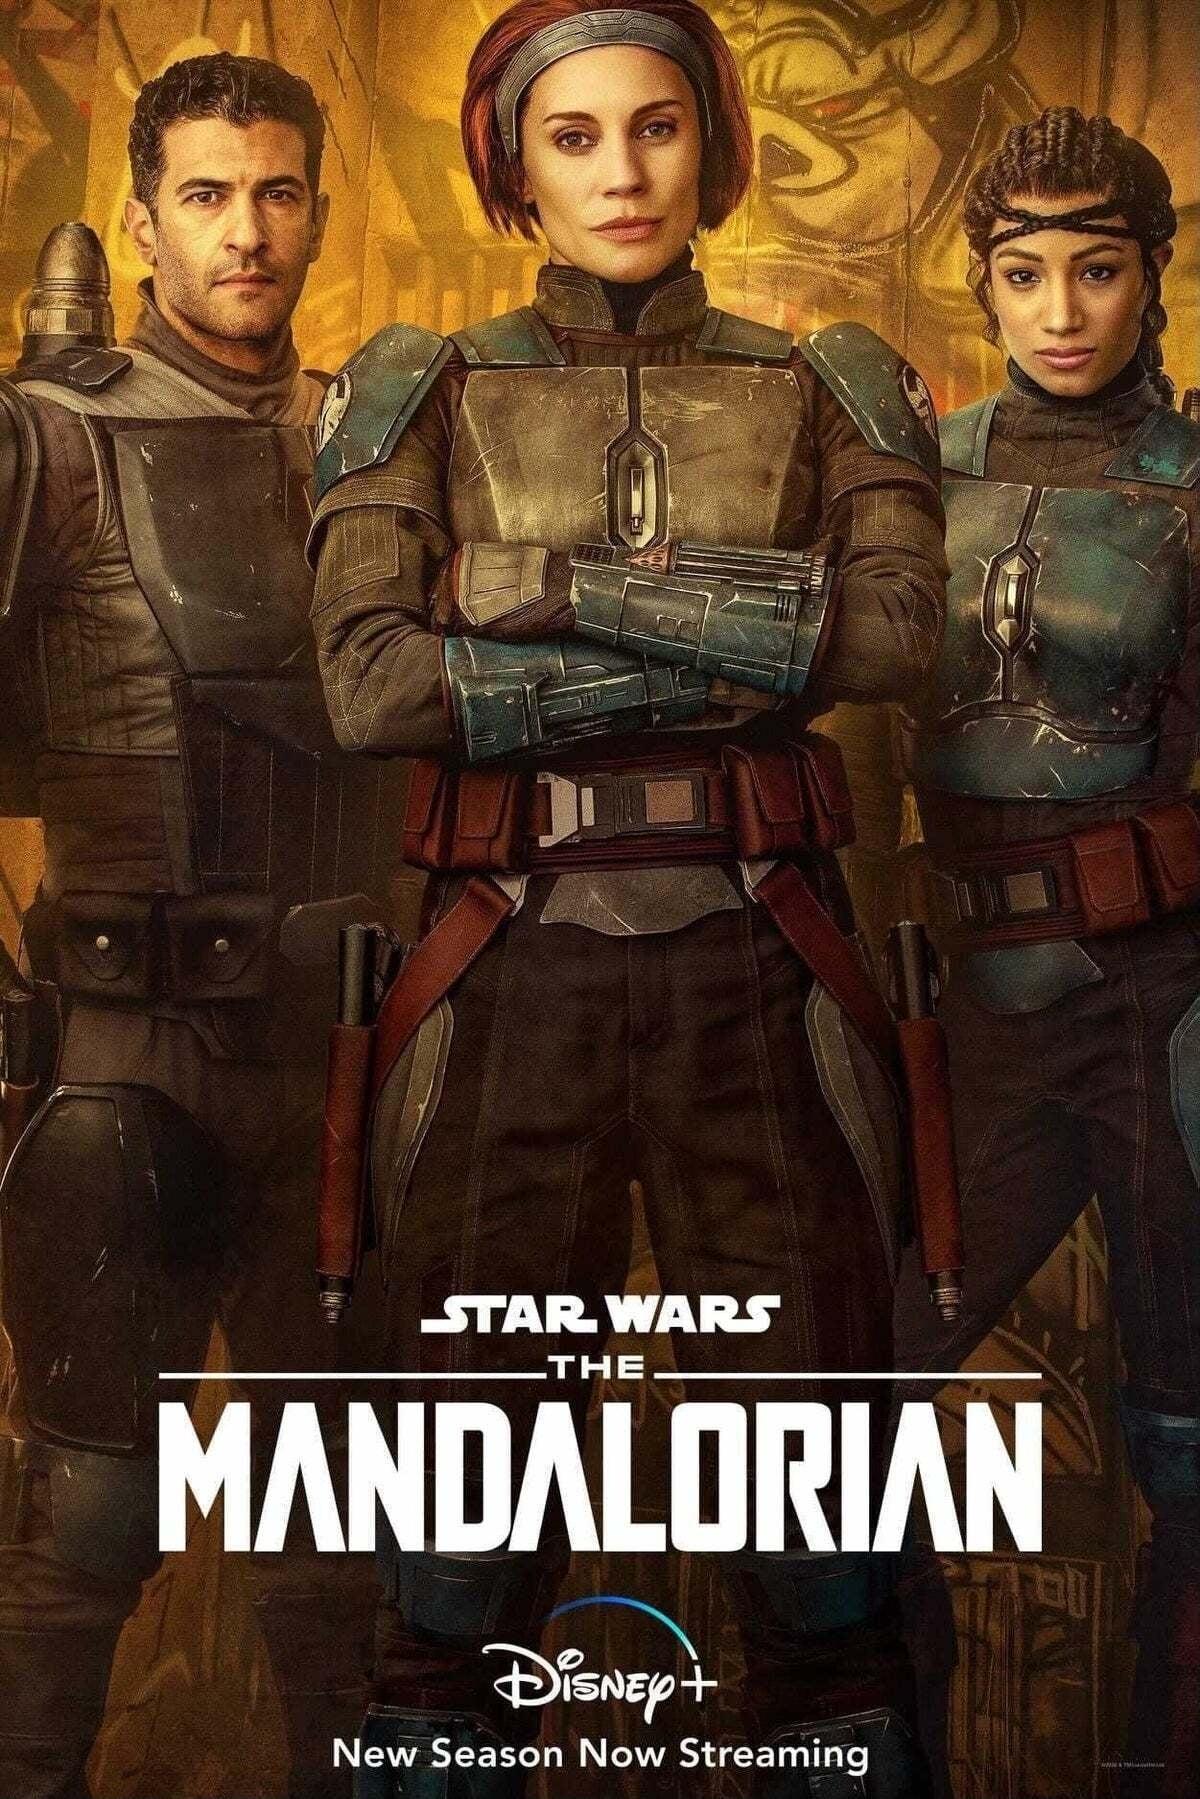 The Mandalorian S2 (2020) Subtitle Indonesia